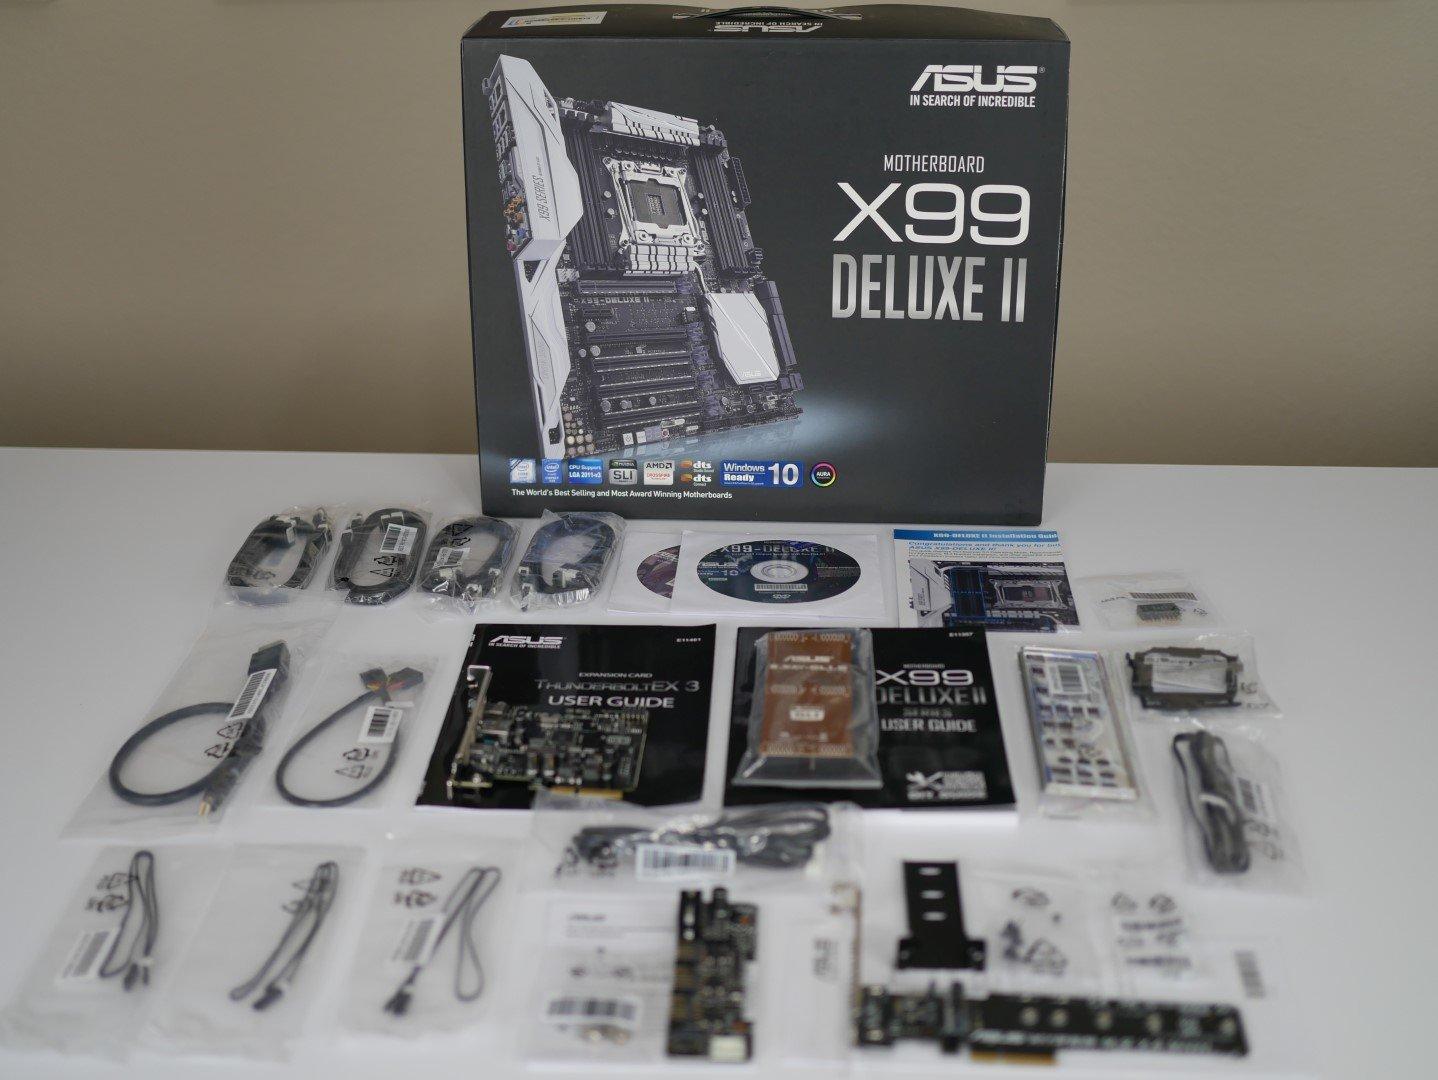 Allerlei Zubehör zum Asus X99-Deluxe II